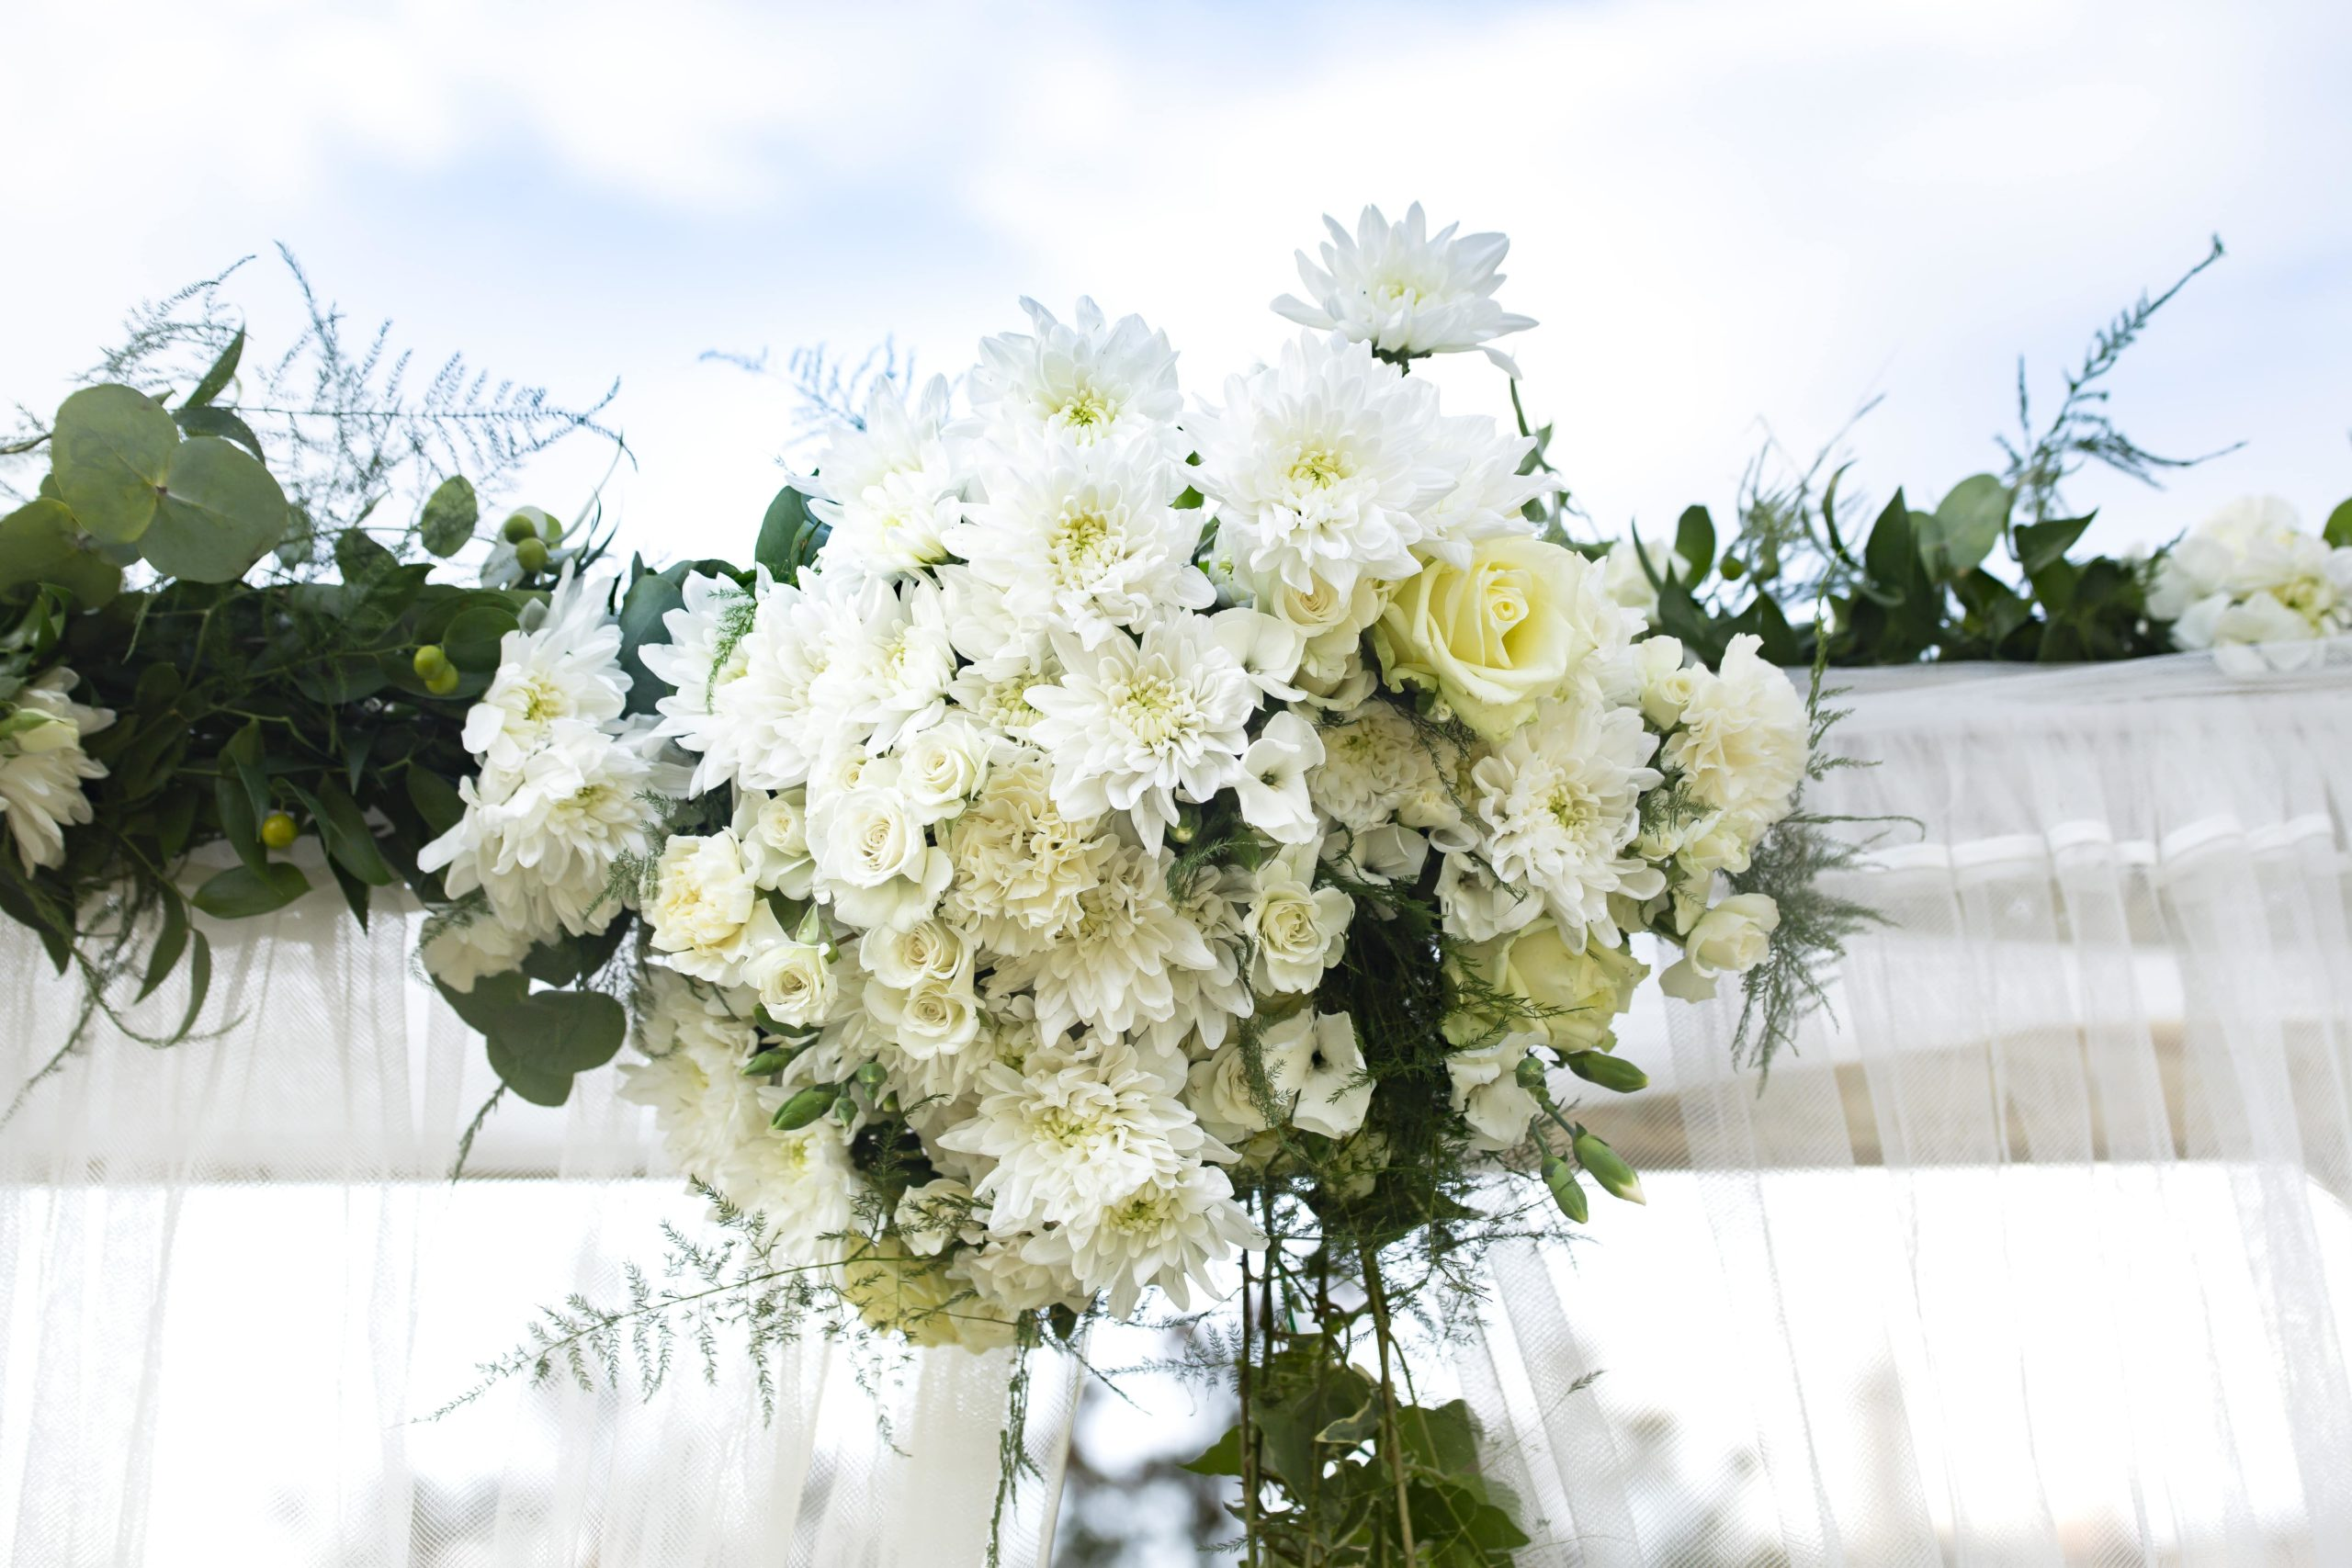 L'arche fleurie de blanc dans toute sa splendeur